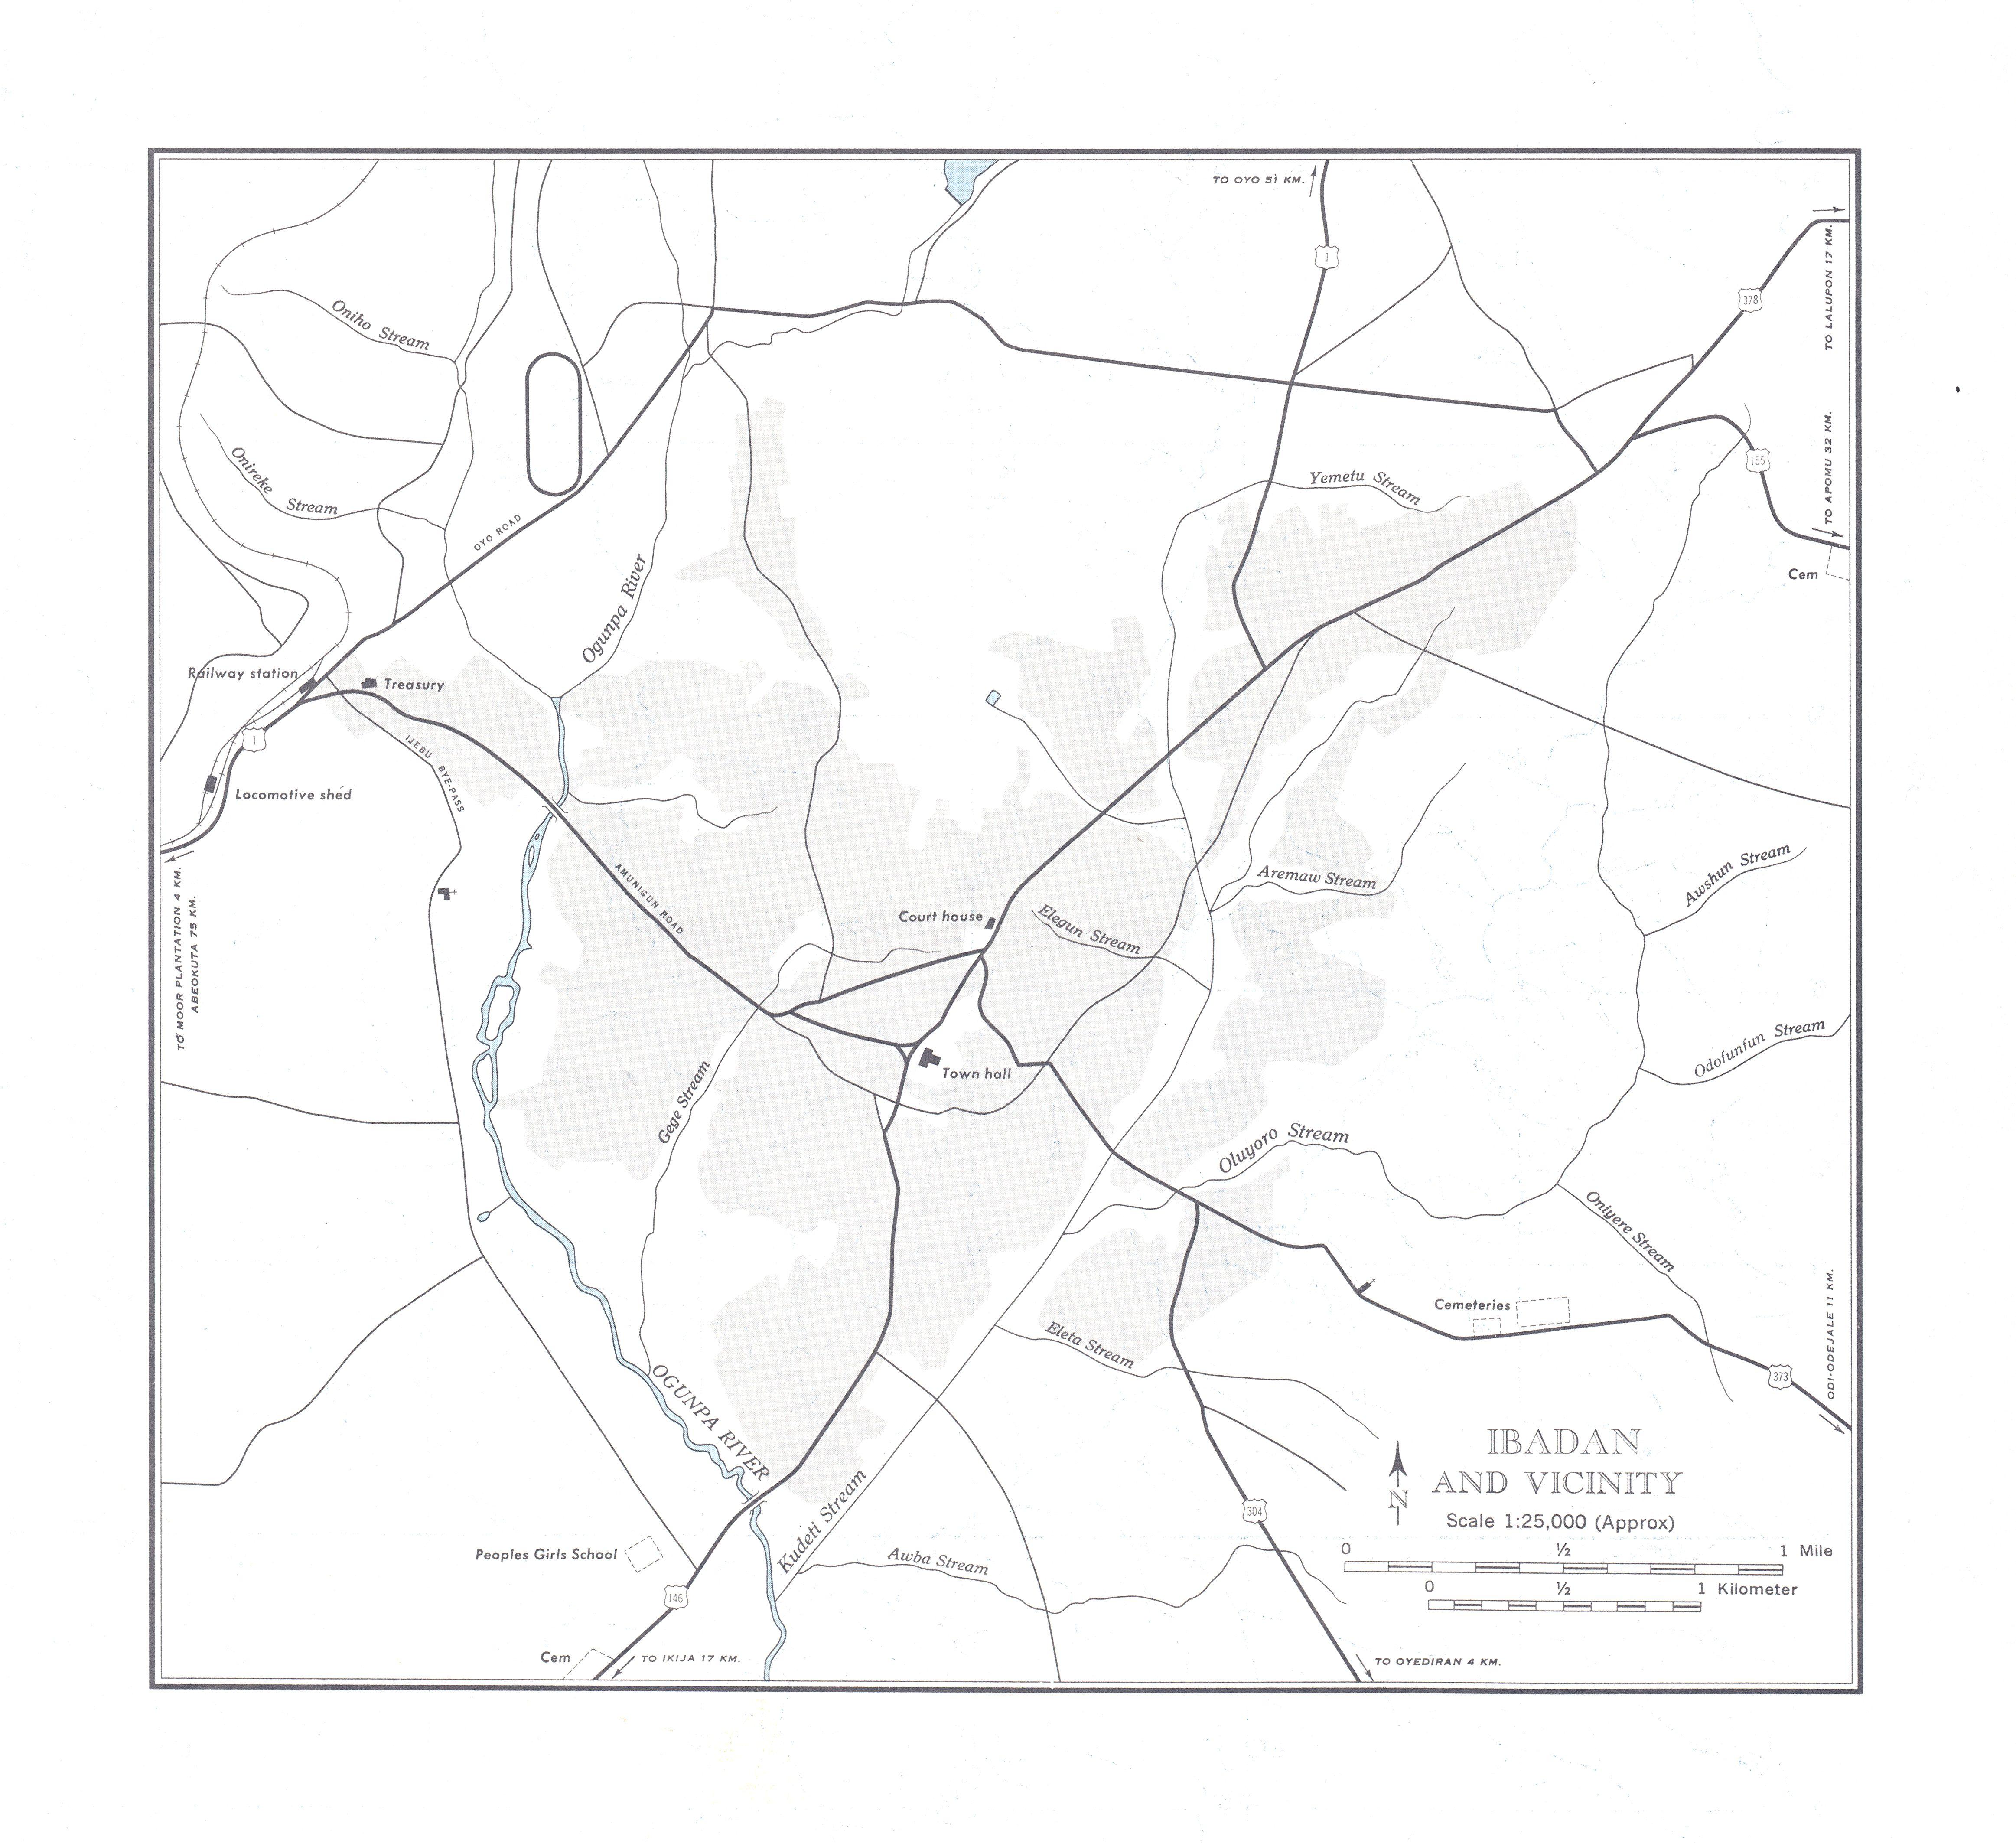 Mapa de la Ciudad de Ibadán y Cercanías, Nigeria 1955